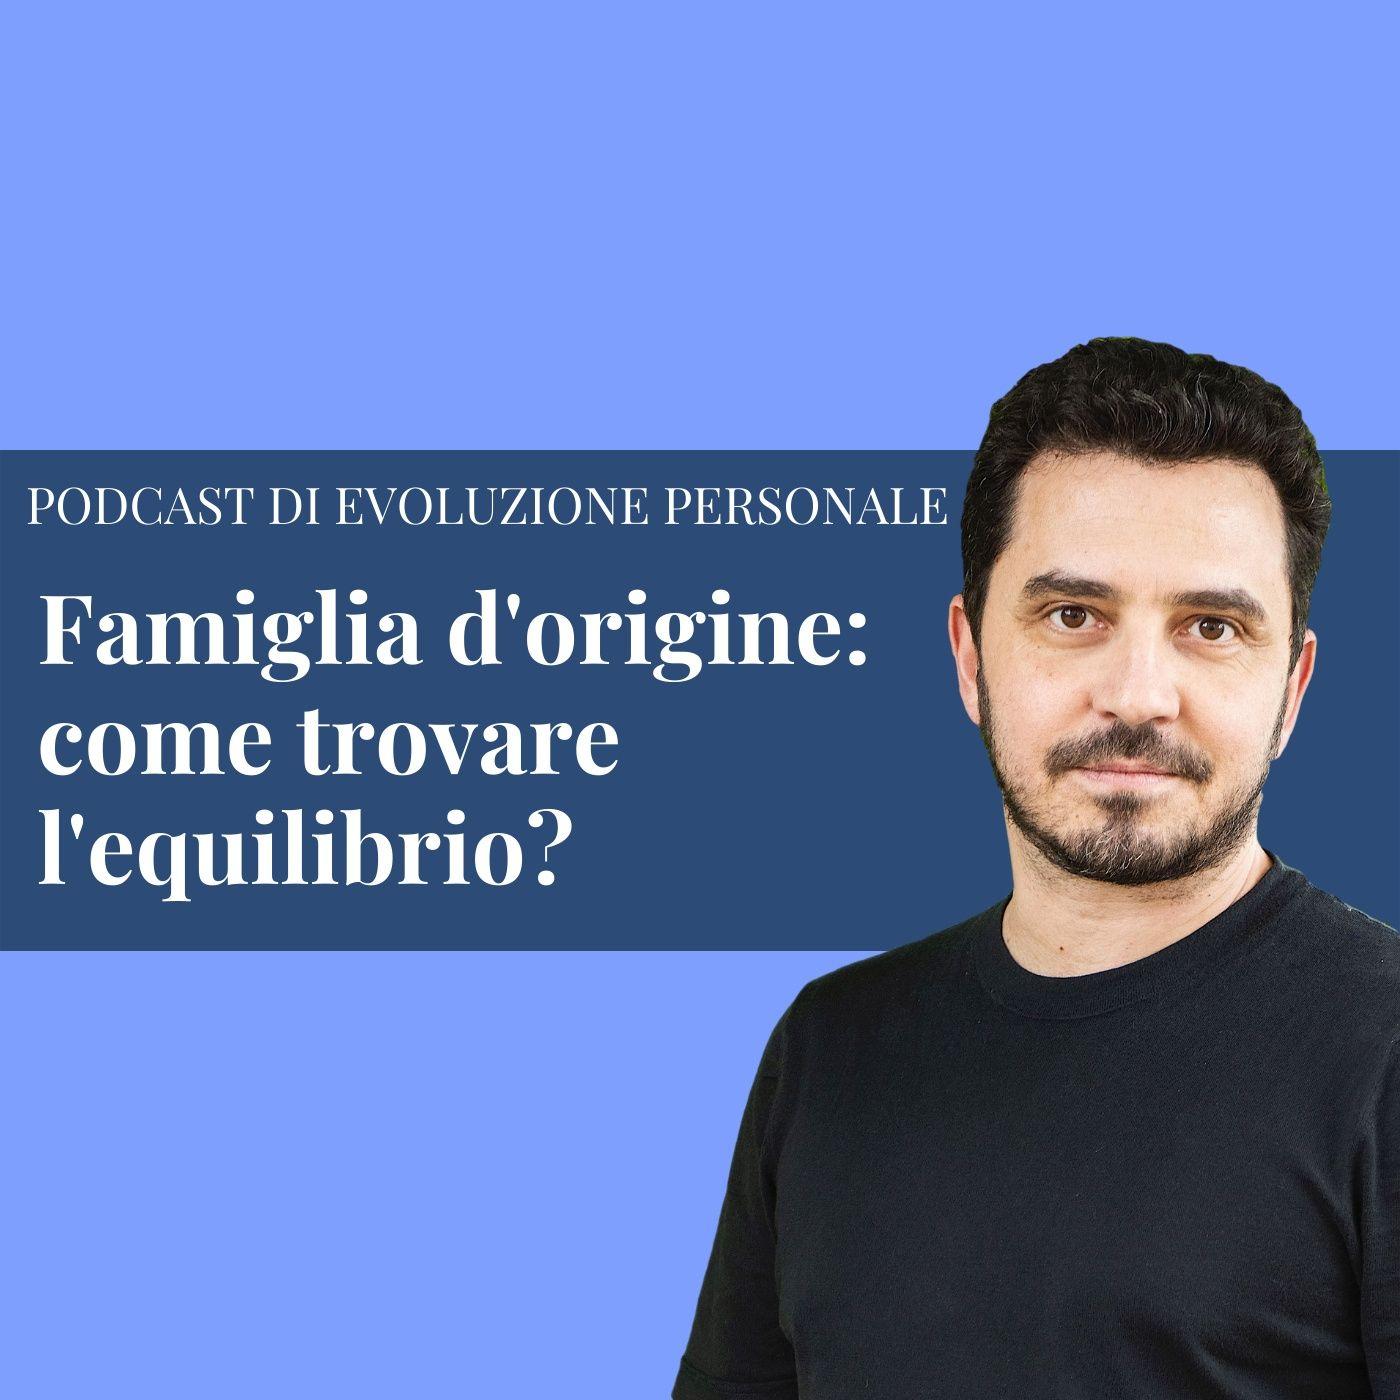 Episodio 174 - Famiglia d'origine: come trovare l'equilibrio?